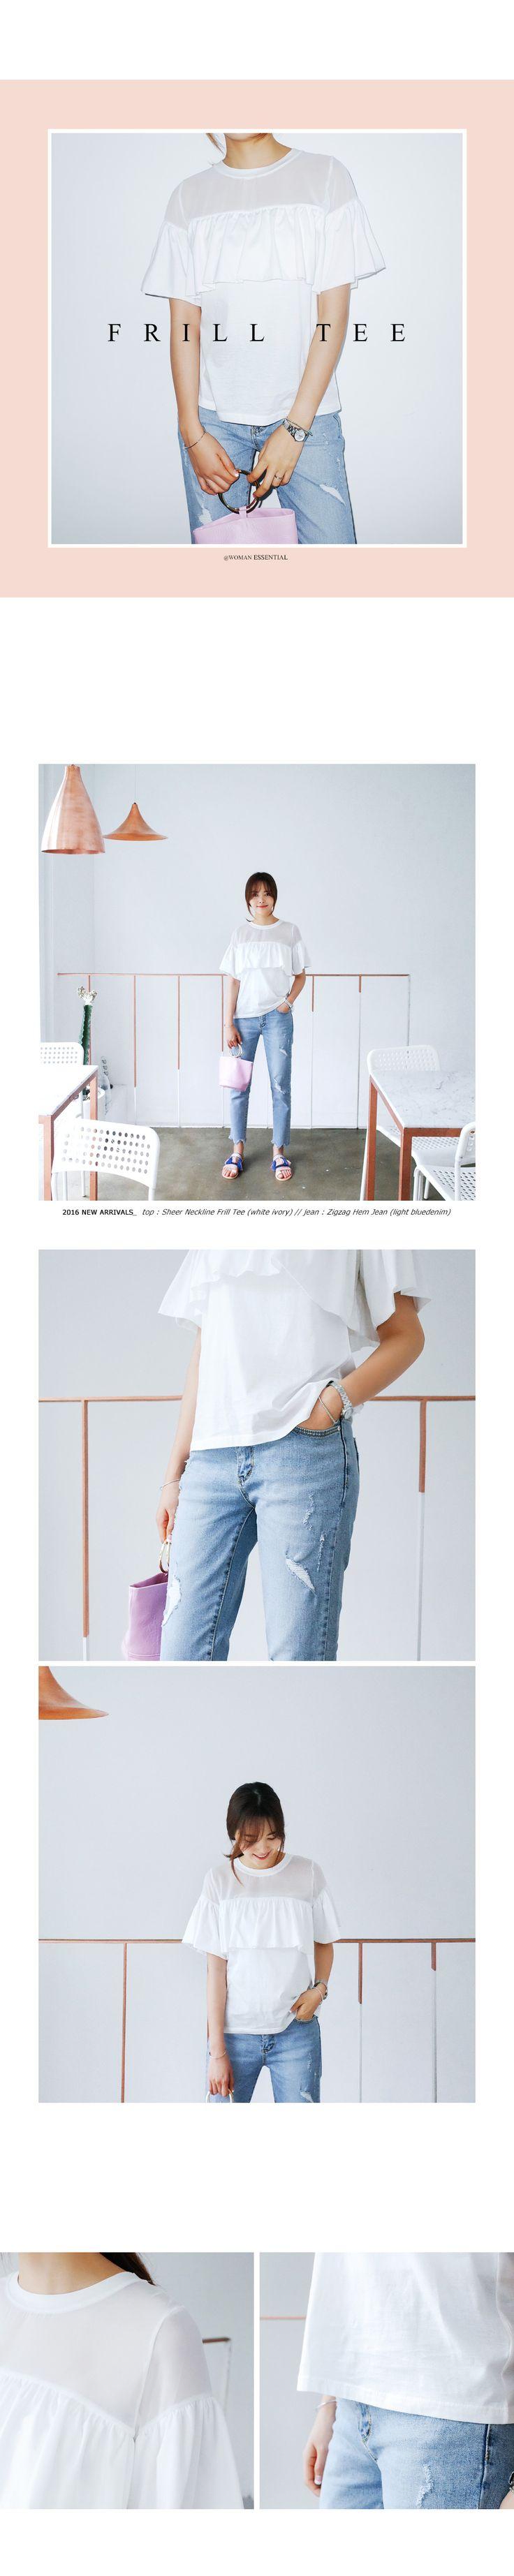 シースルーラッフルTシャツ・全3色トップス・カットソーカットソー・Tシャツ レディースファッション通販 DHOLICディーホリック [ファストファッション 水着 ワンピース]